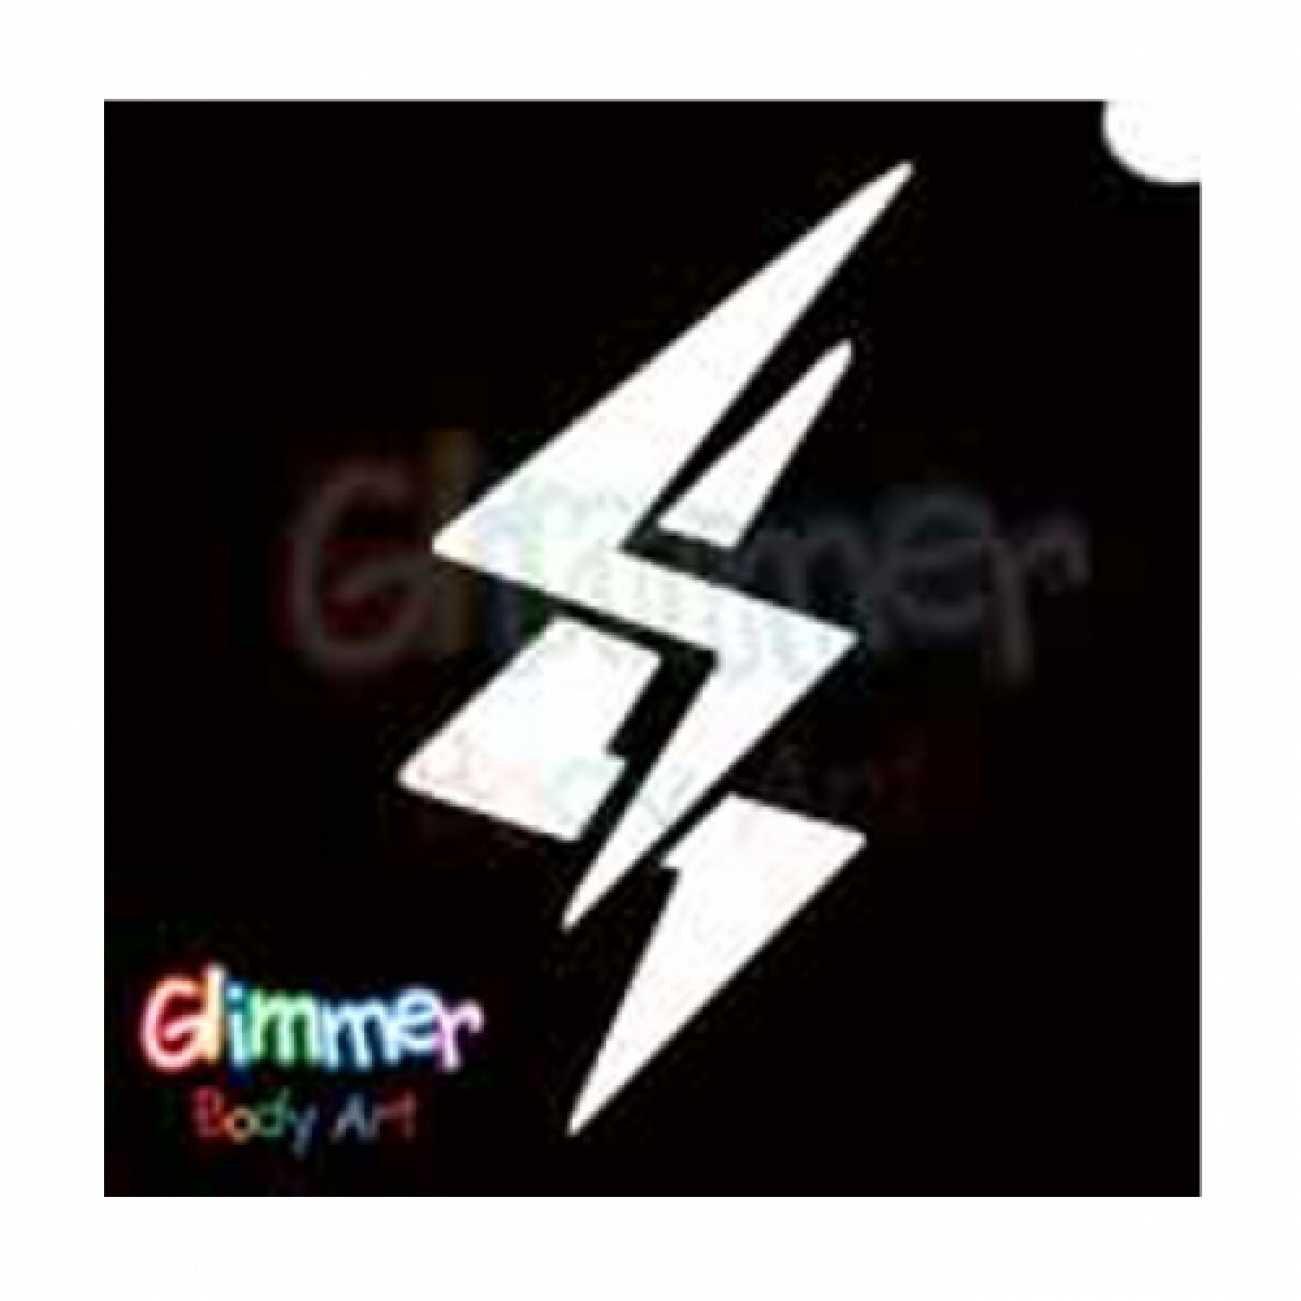 Glimmer Body Art plantilla del tatuaje del brillo: Amazon.es: Hogar